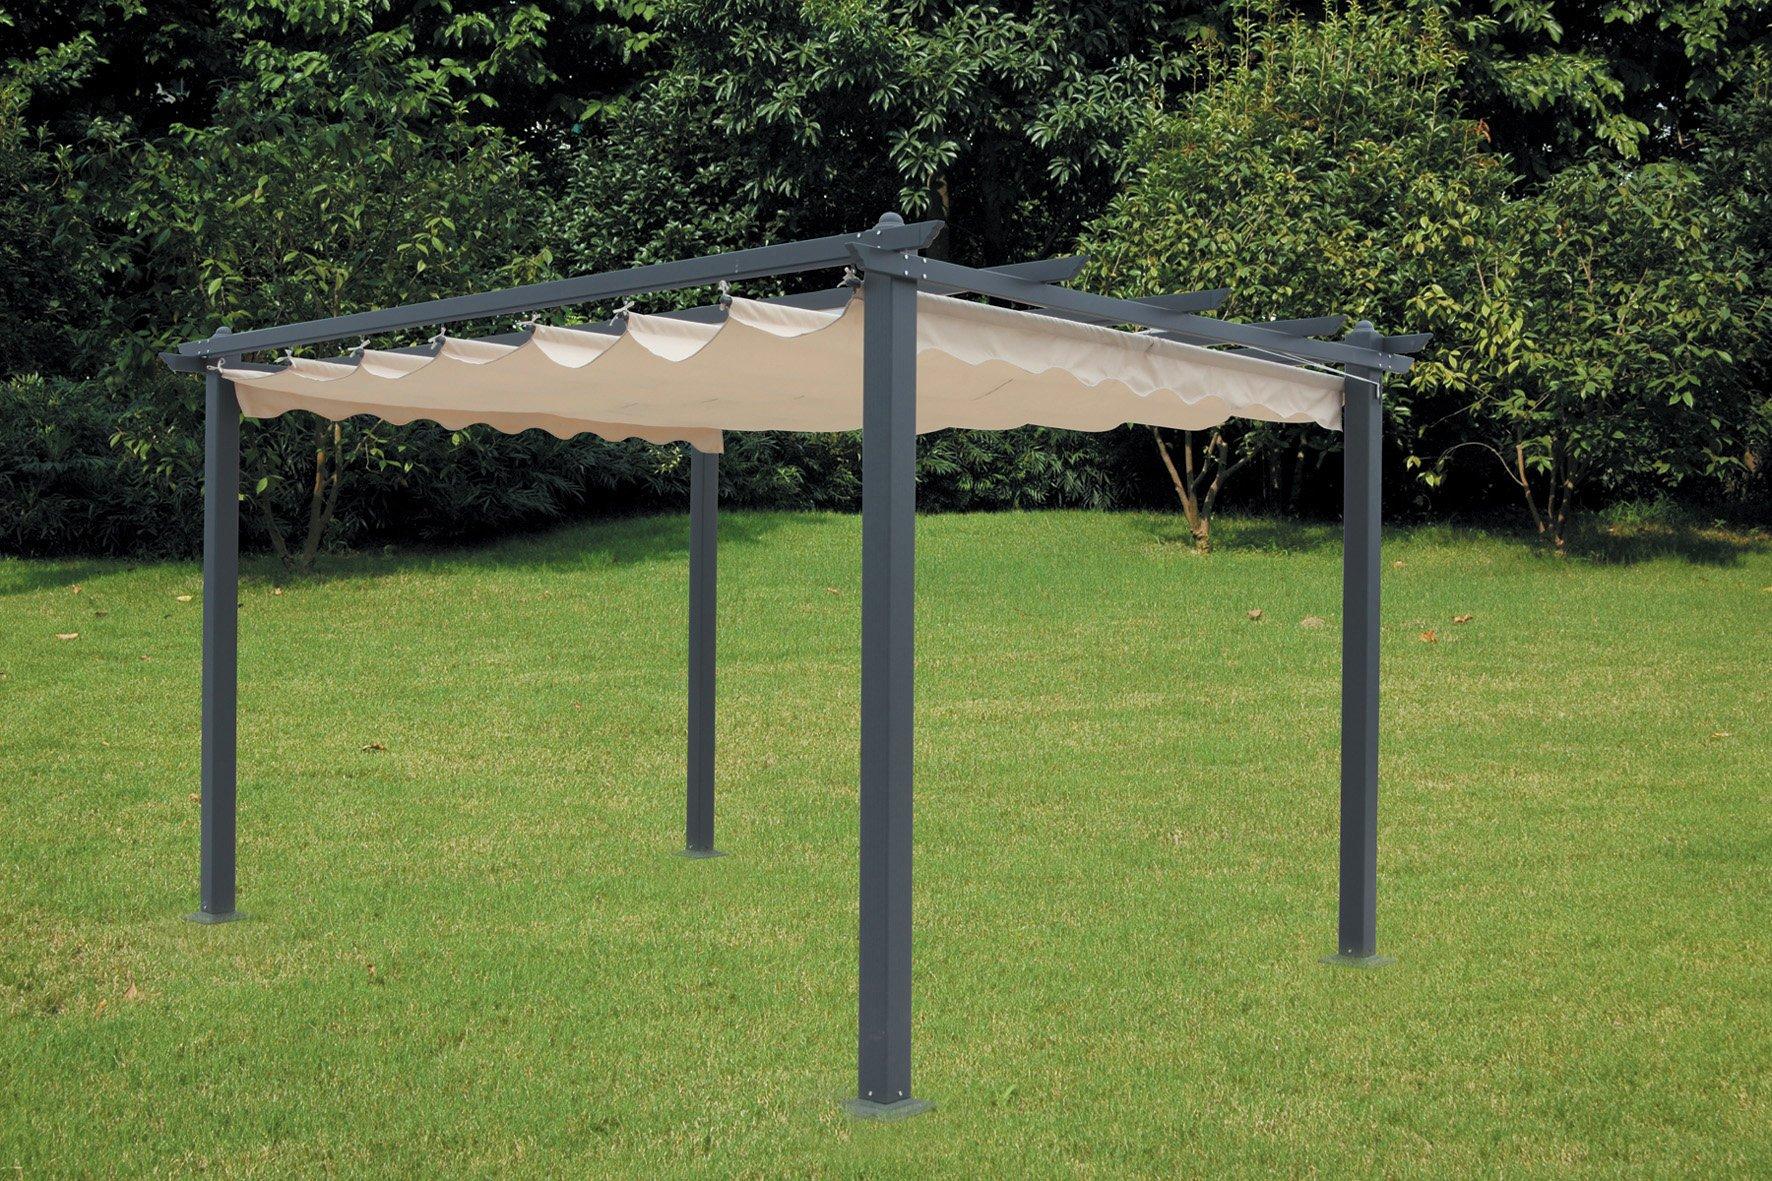 Pérgola de aluminio con toldo retráctil de300 x 400 cm.: Amazon.es ...